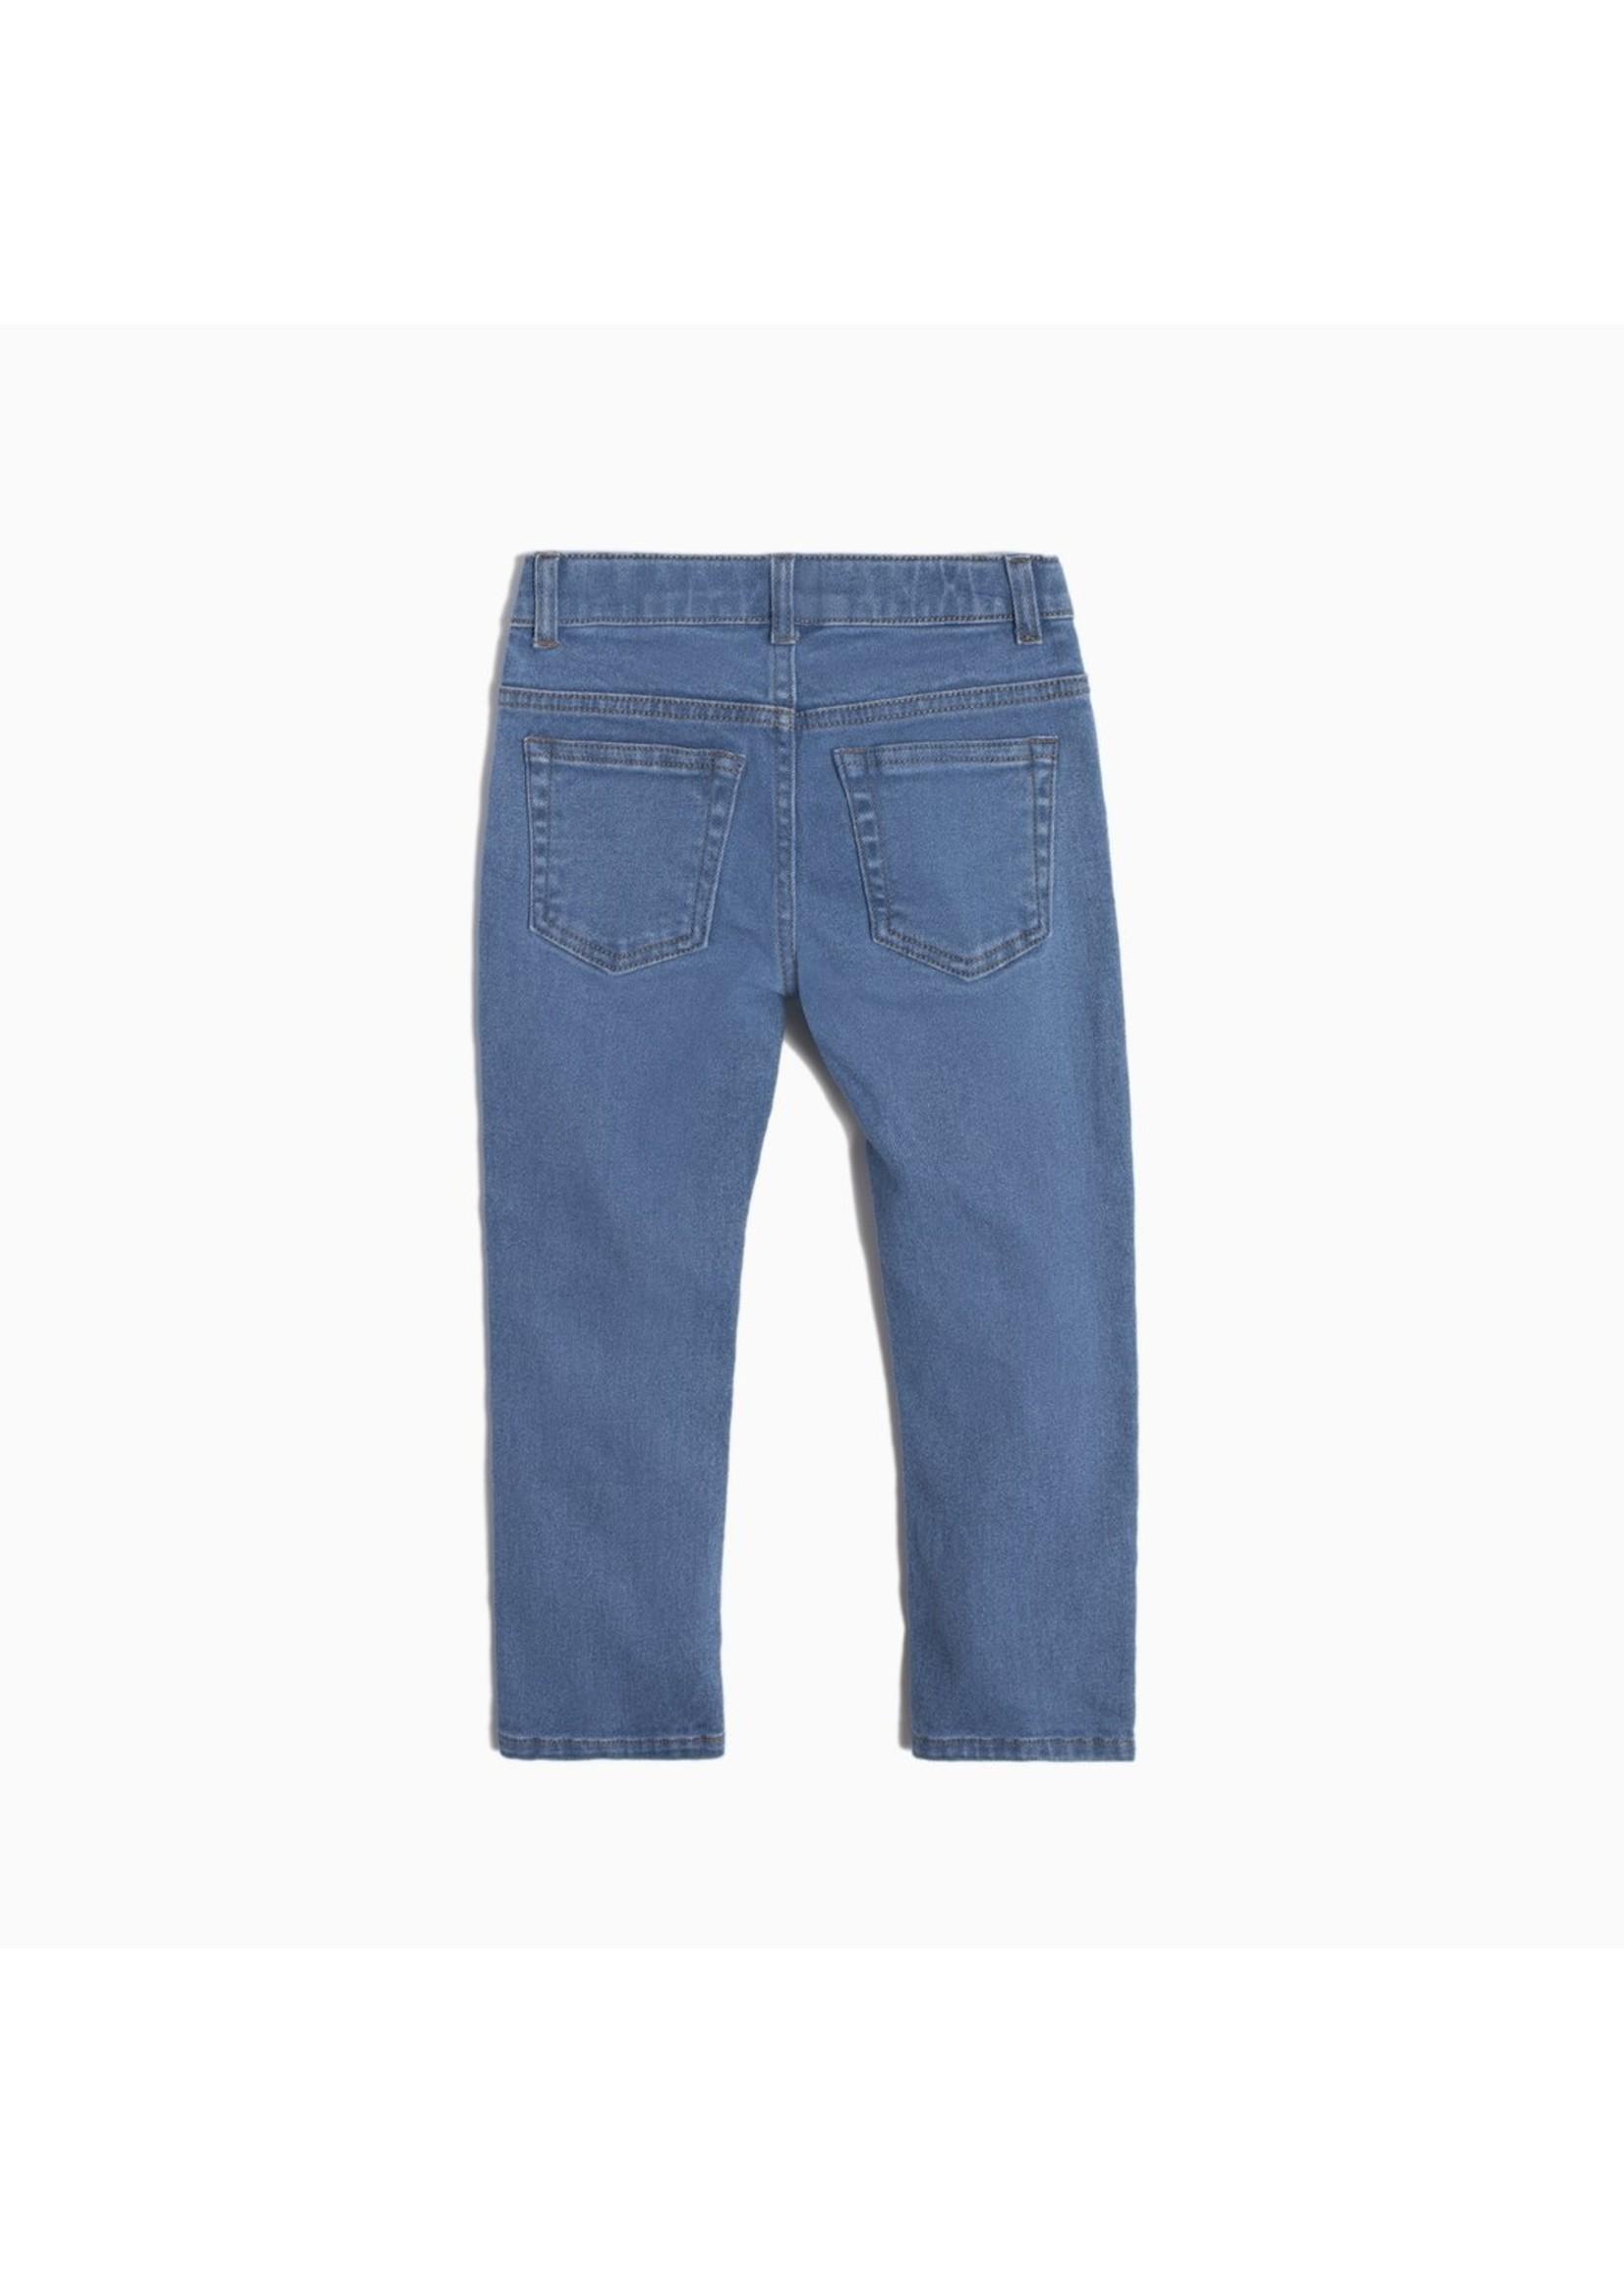 Miles Pantalon bleu clair en éco-denim Coupe Garçon